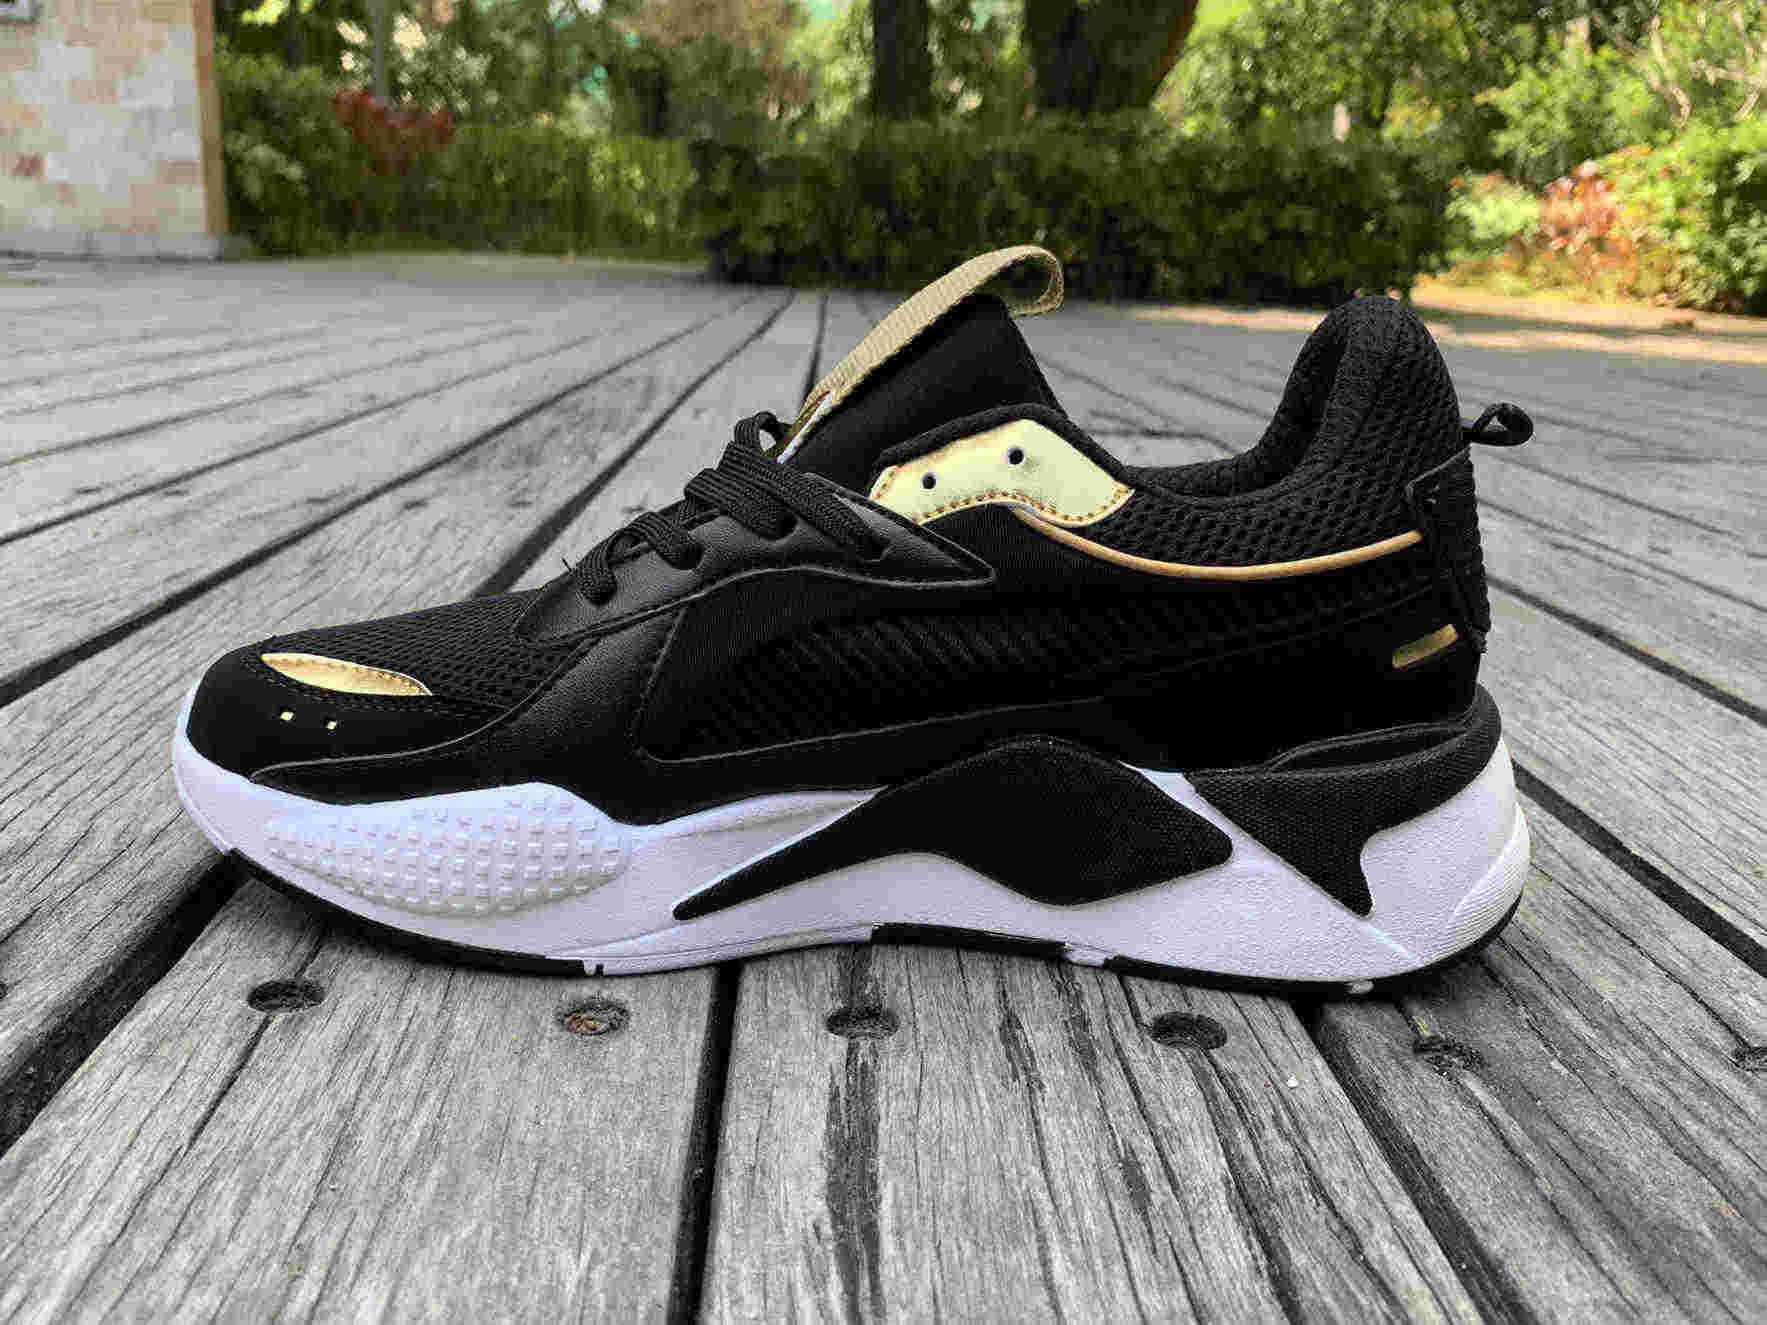 Erkekler & kadınlar RS-X Reinvention koşu sistemi beyaz siyah mavi kırmızı sarı ayakkabı atletik moda ayakkabı koşu spor ayakkabı